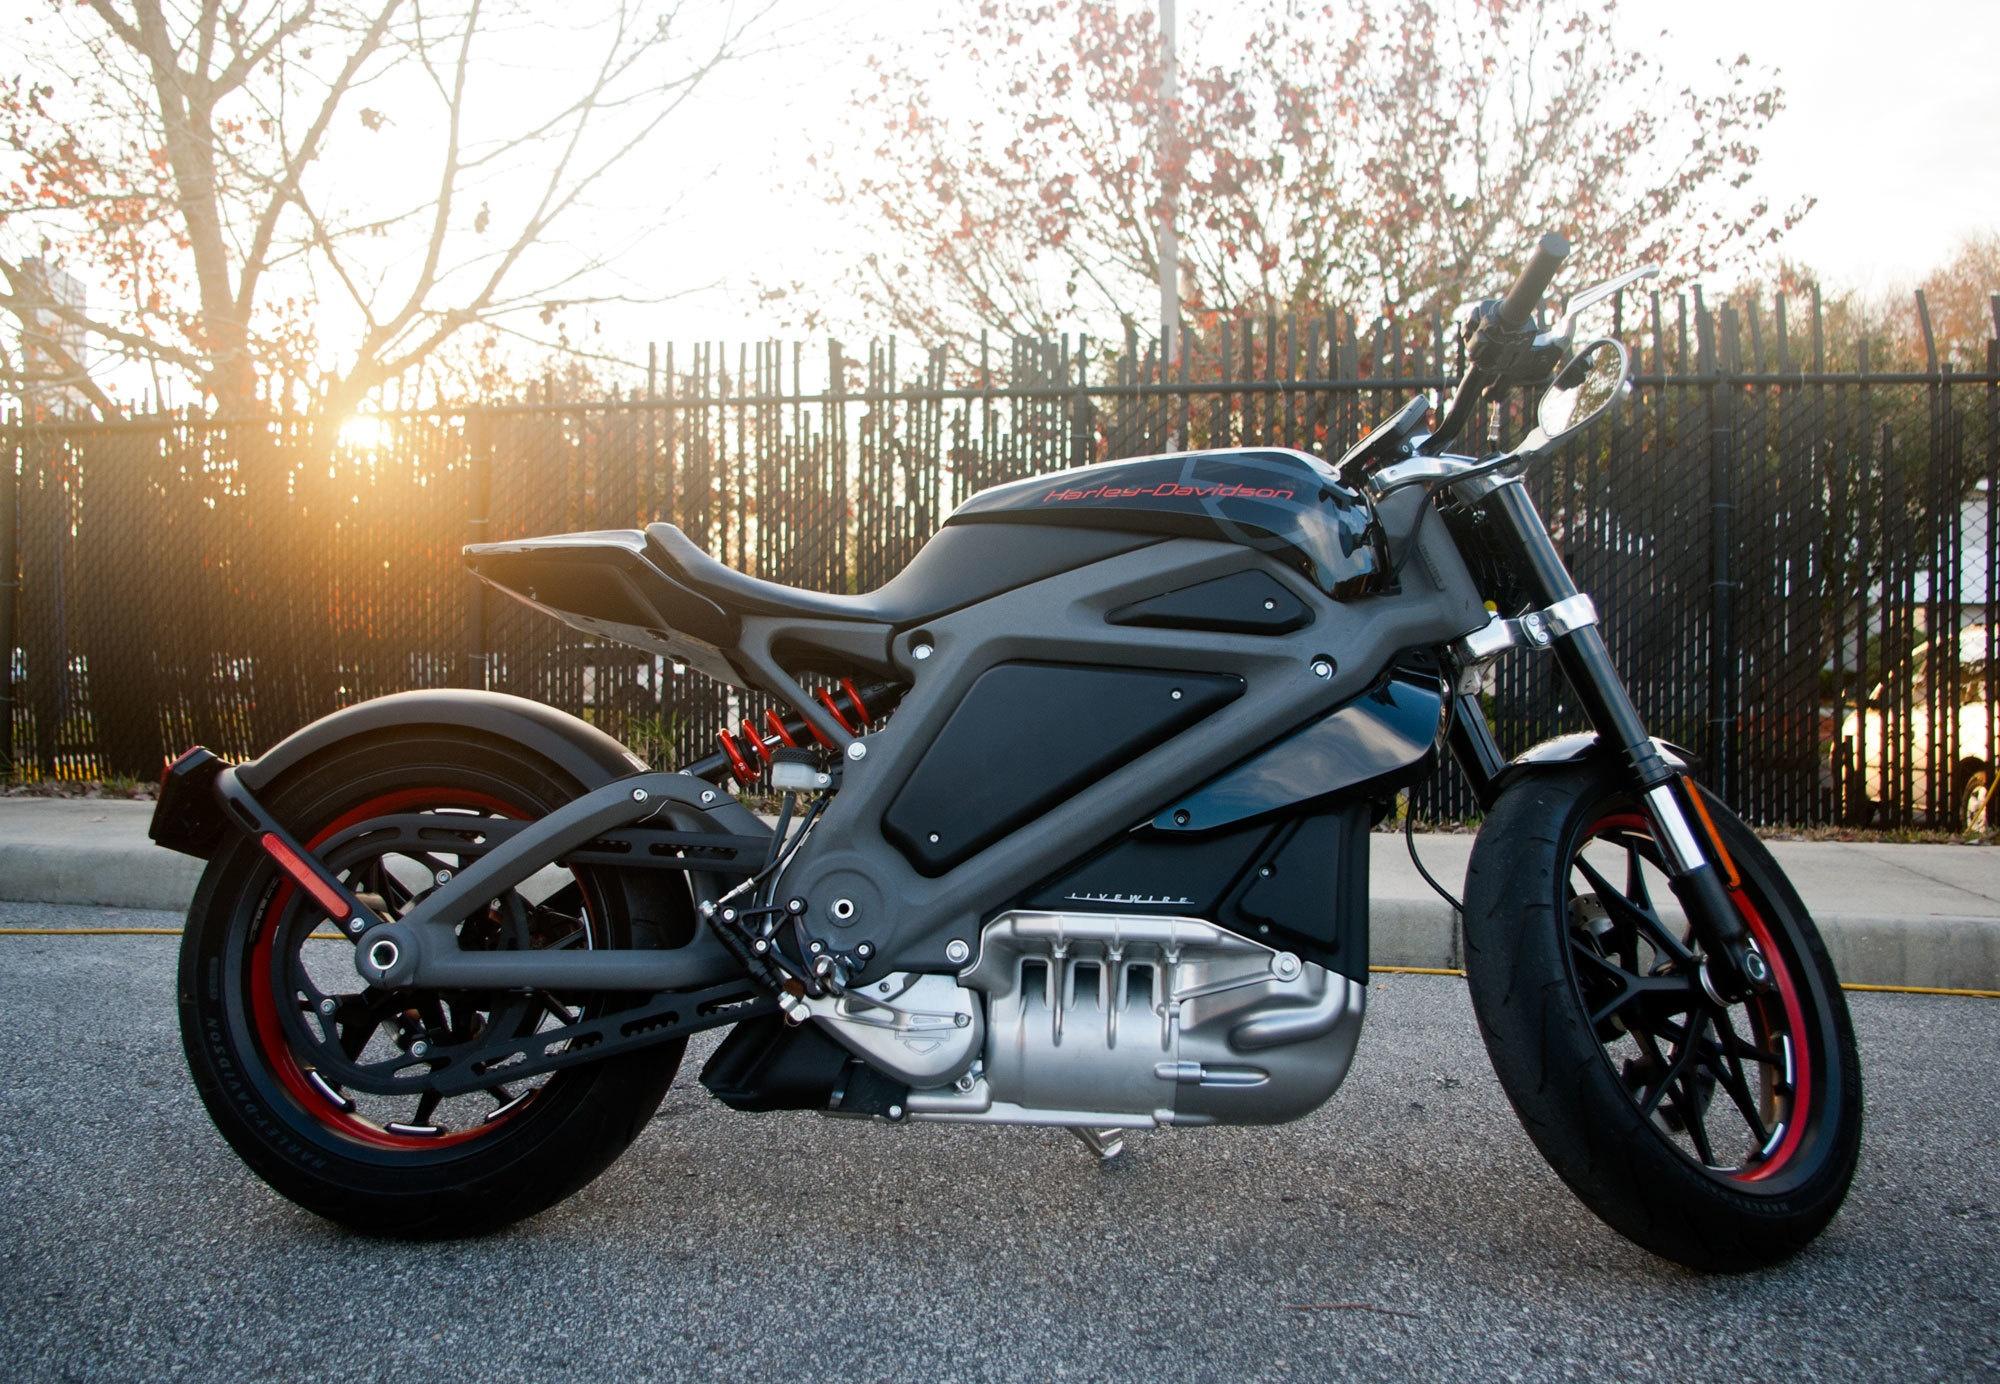 Ezt sem gondoltuk volna, elektromos motorok gyártásába kezd a Harley-Davidson